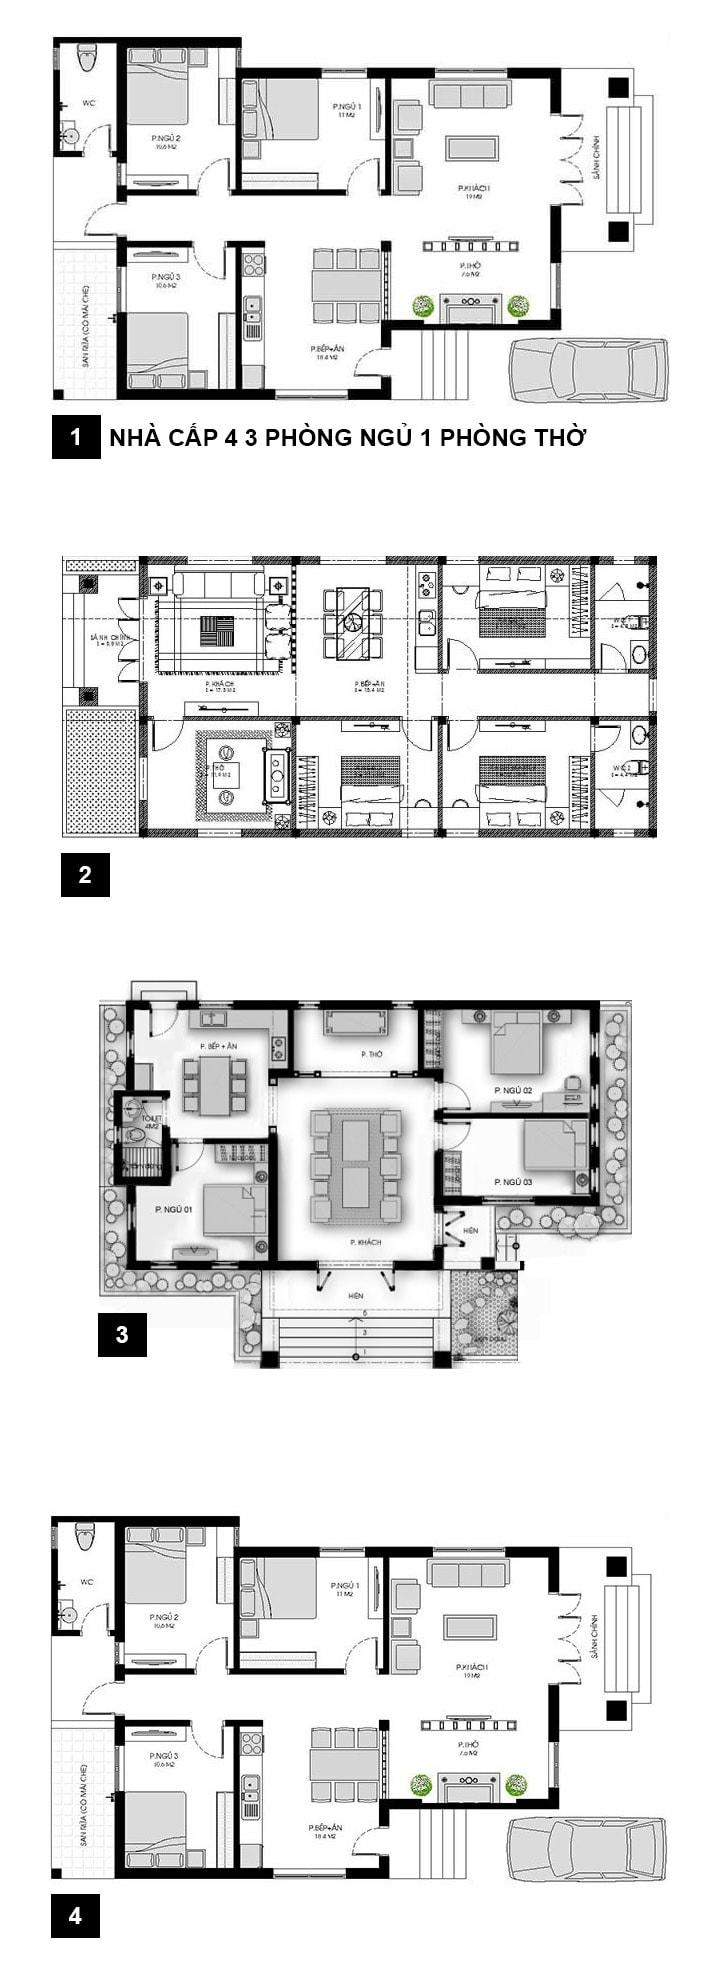 Bản vẽ mẫu nhà cấp 4 120m2 3 phòng ngủ 1 phòng thờ